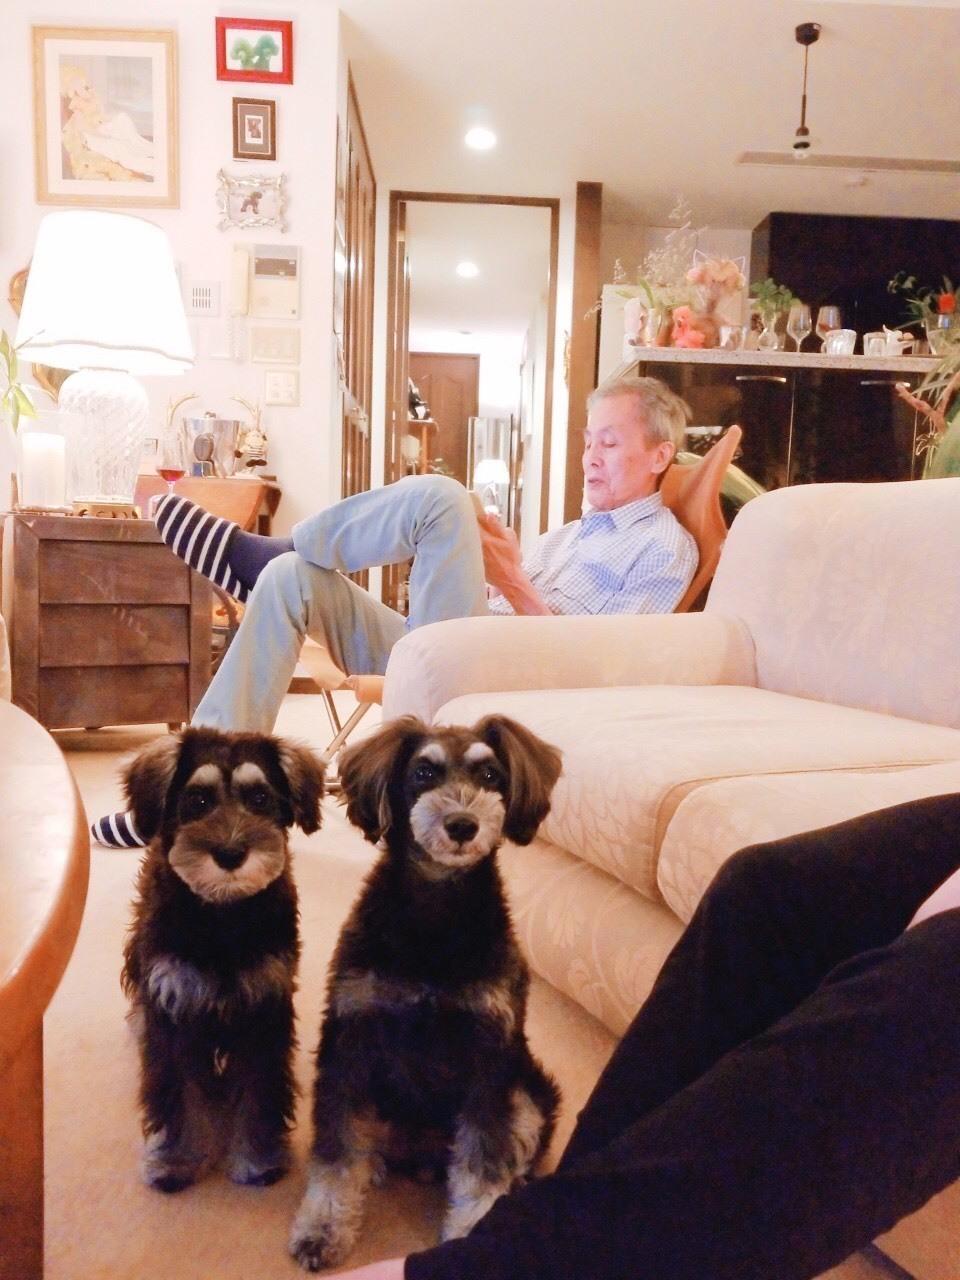 ボニーとアンとの楽しい晩餐♪_d0339889_15512261.jpg